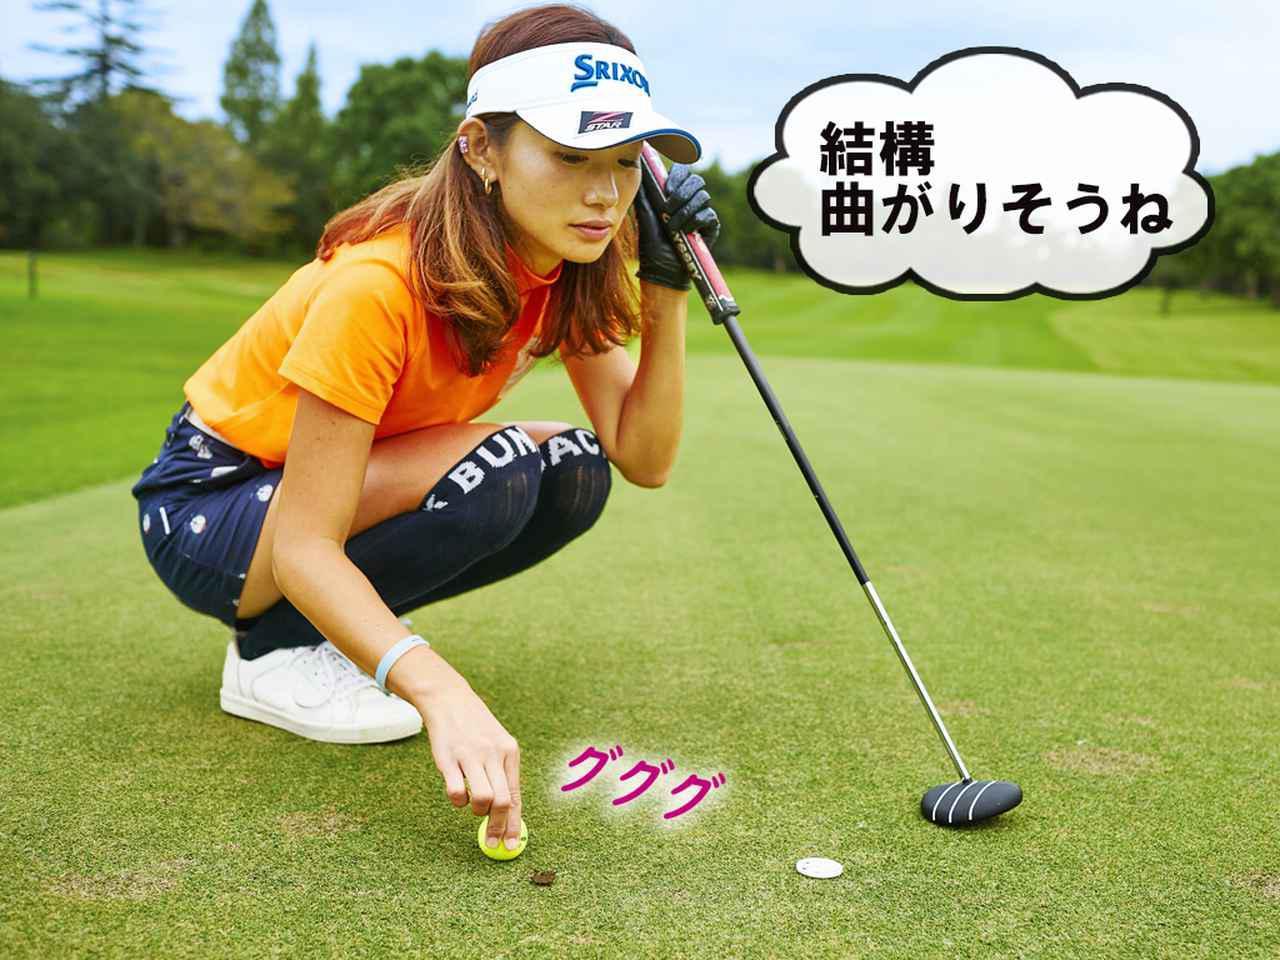 画像3: 【新ルール】球をグリーンにこすり付けた。これってルール違反?